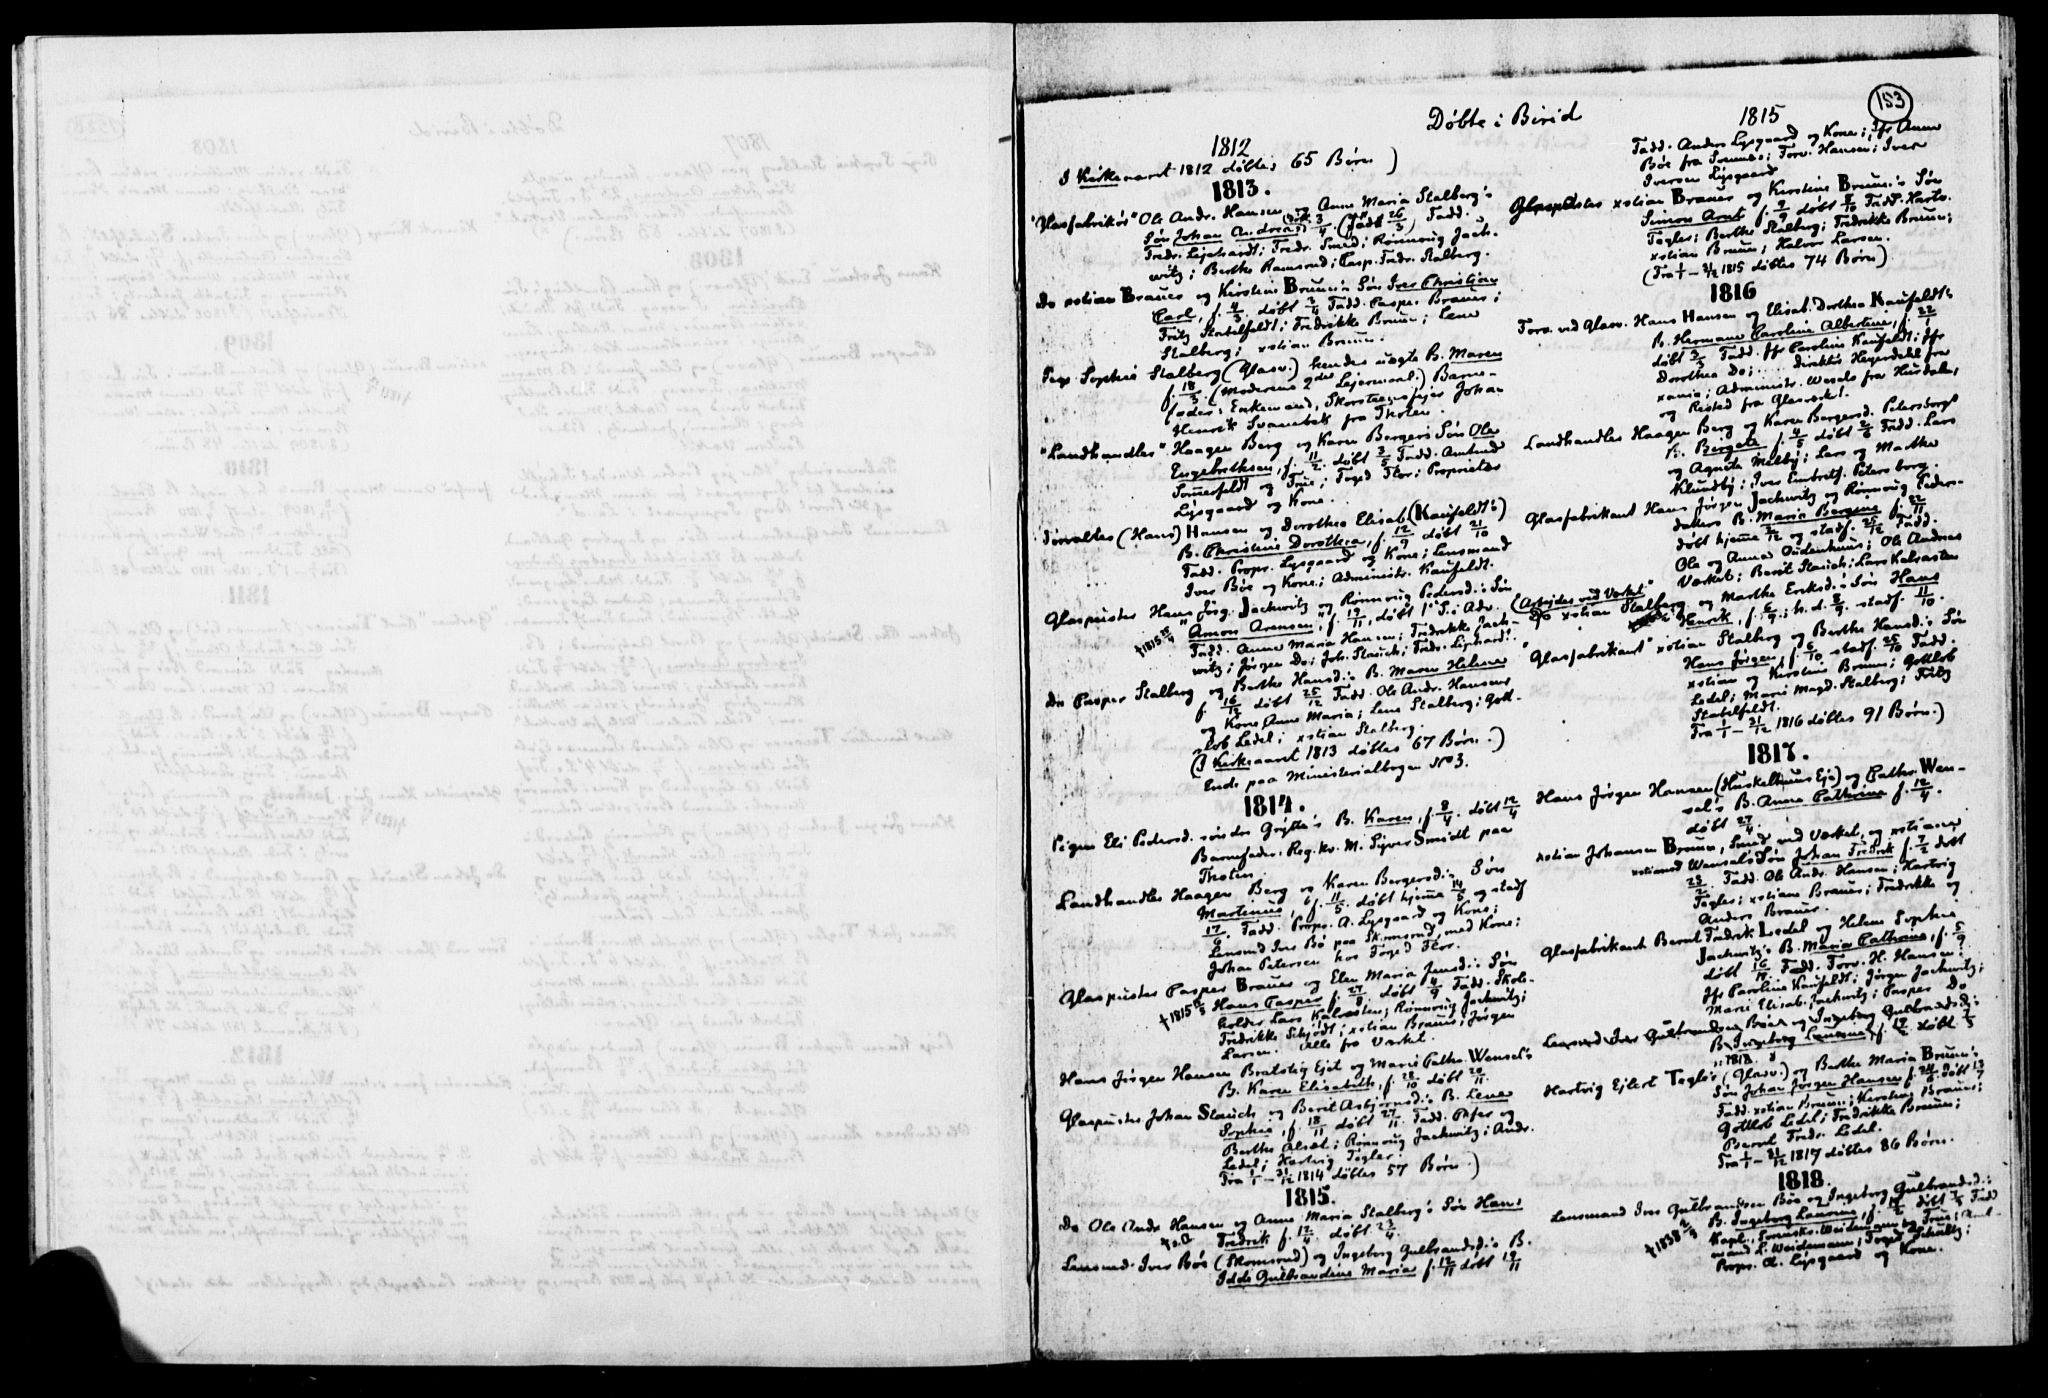 SAH, Biri prestekontor, Ministerialbok, 1730-1879, s. 153